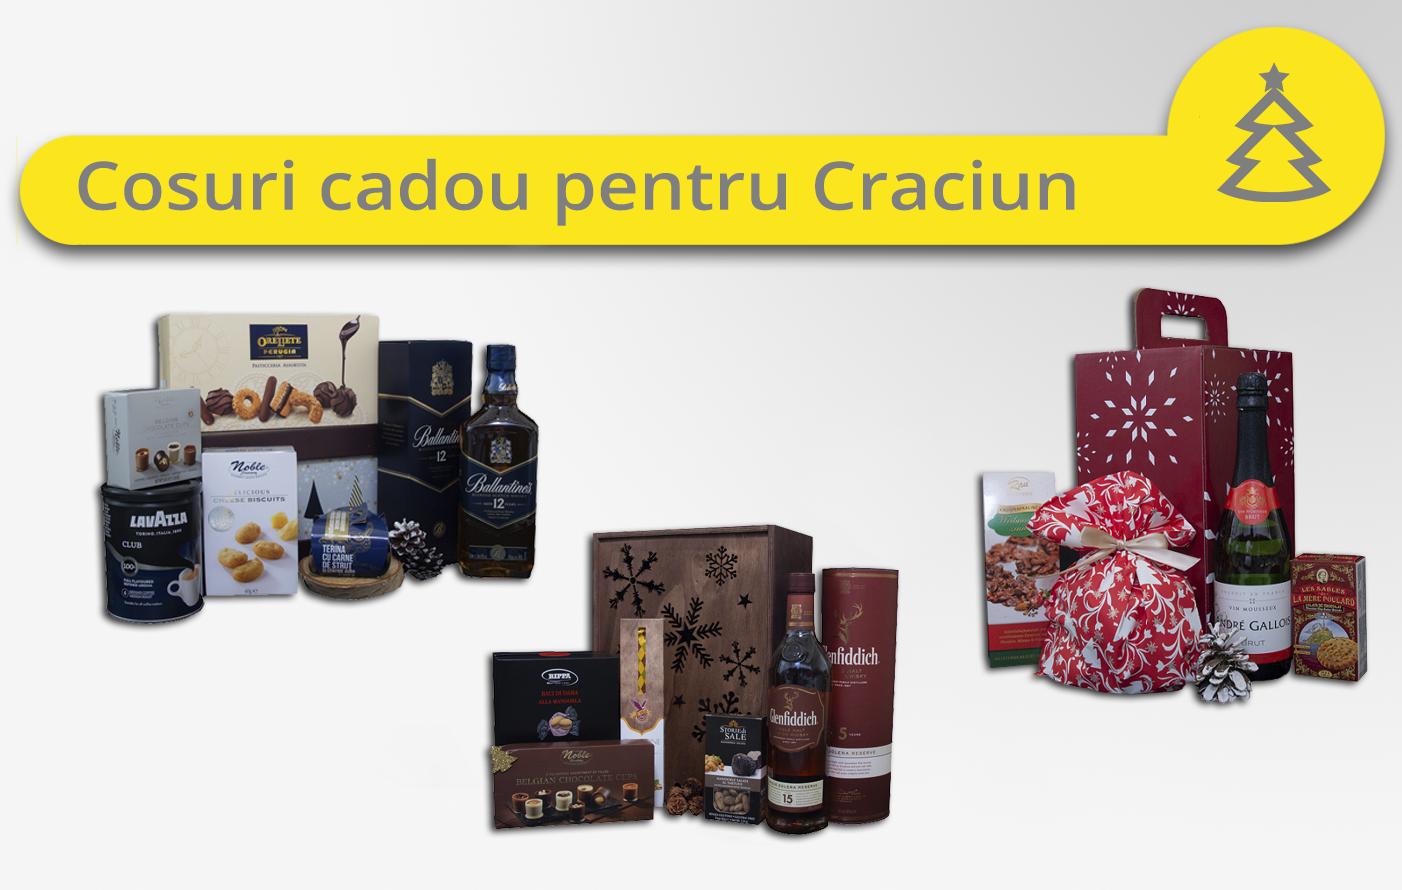 Cosuri cadou Craciun 2018